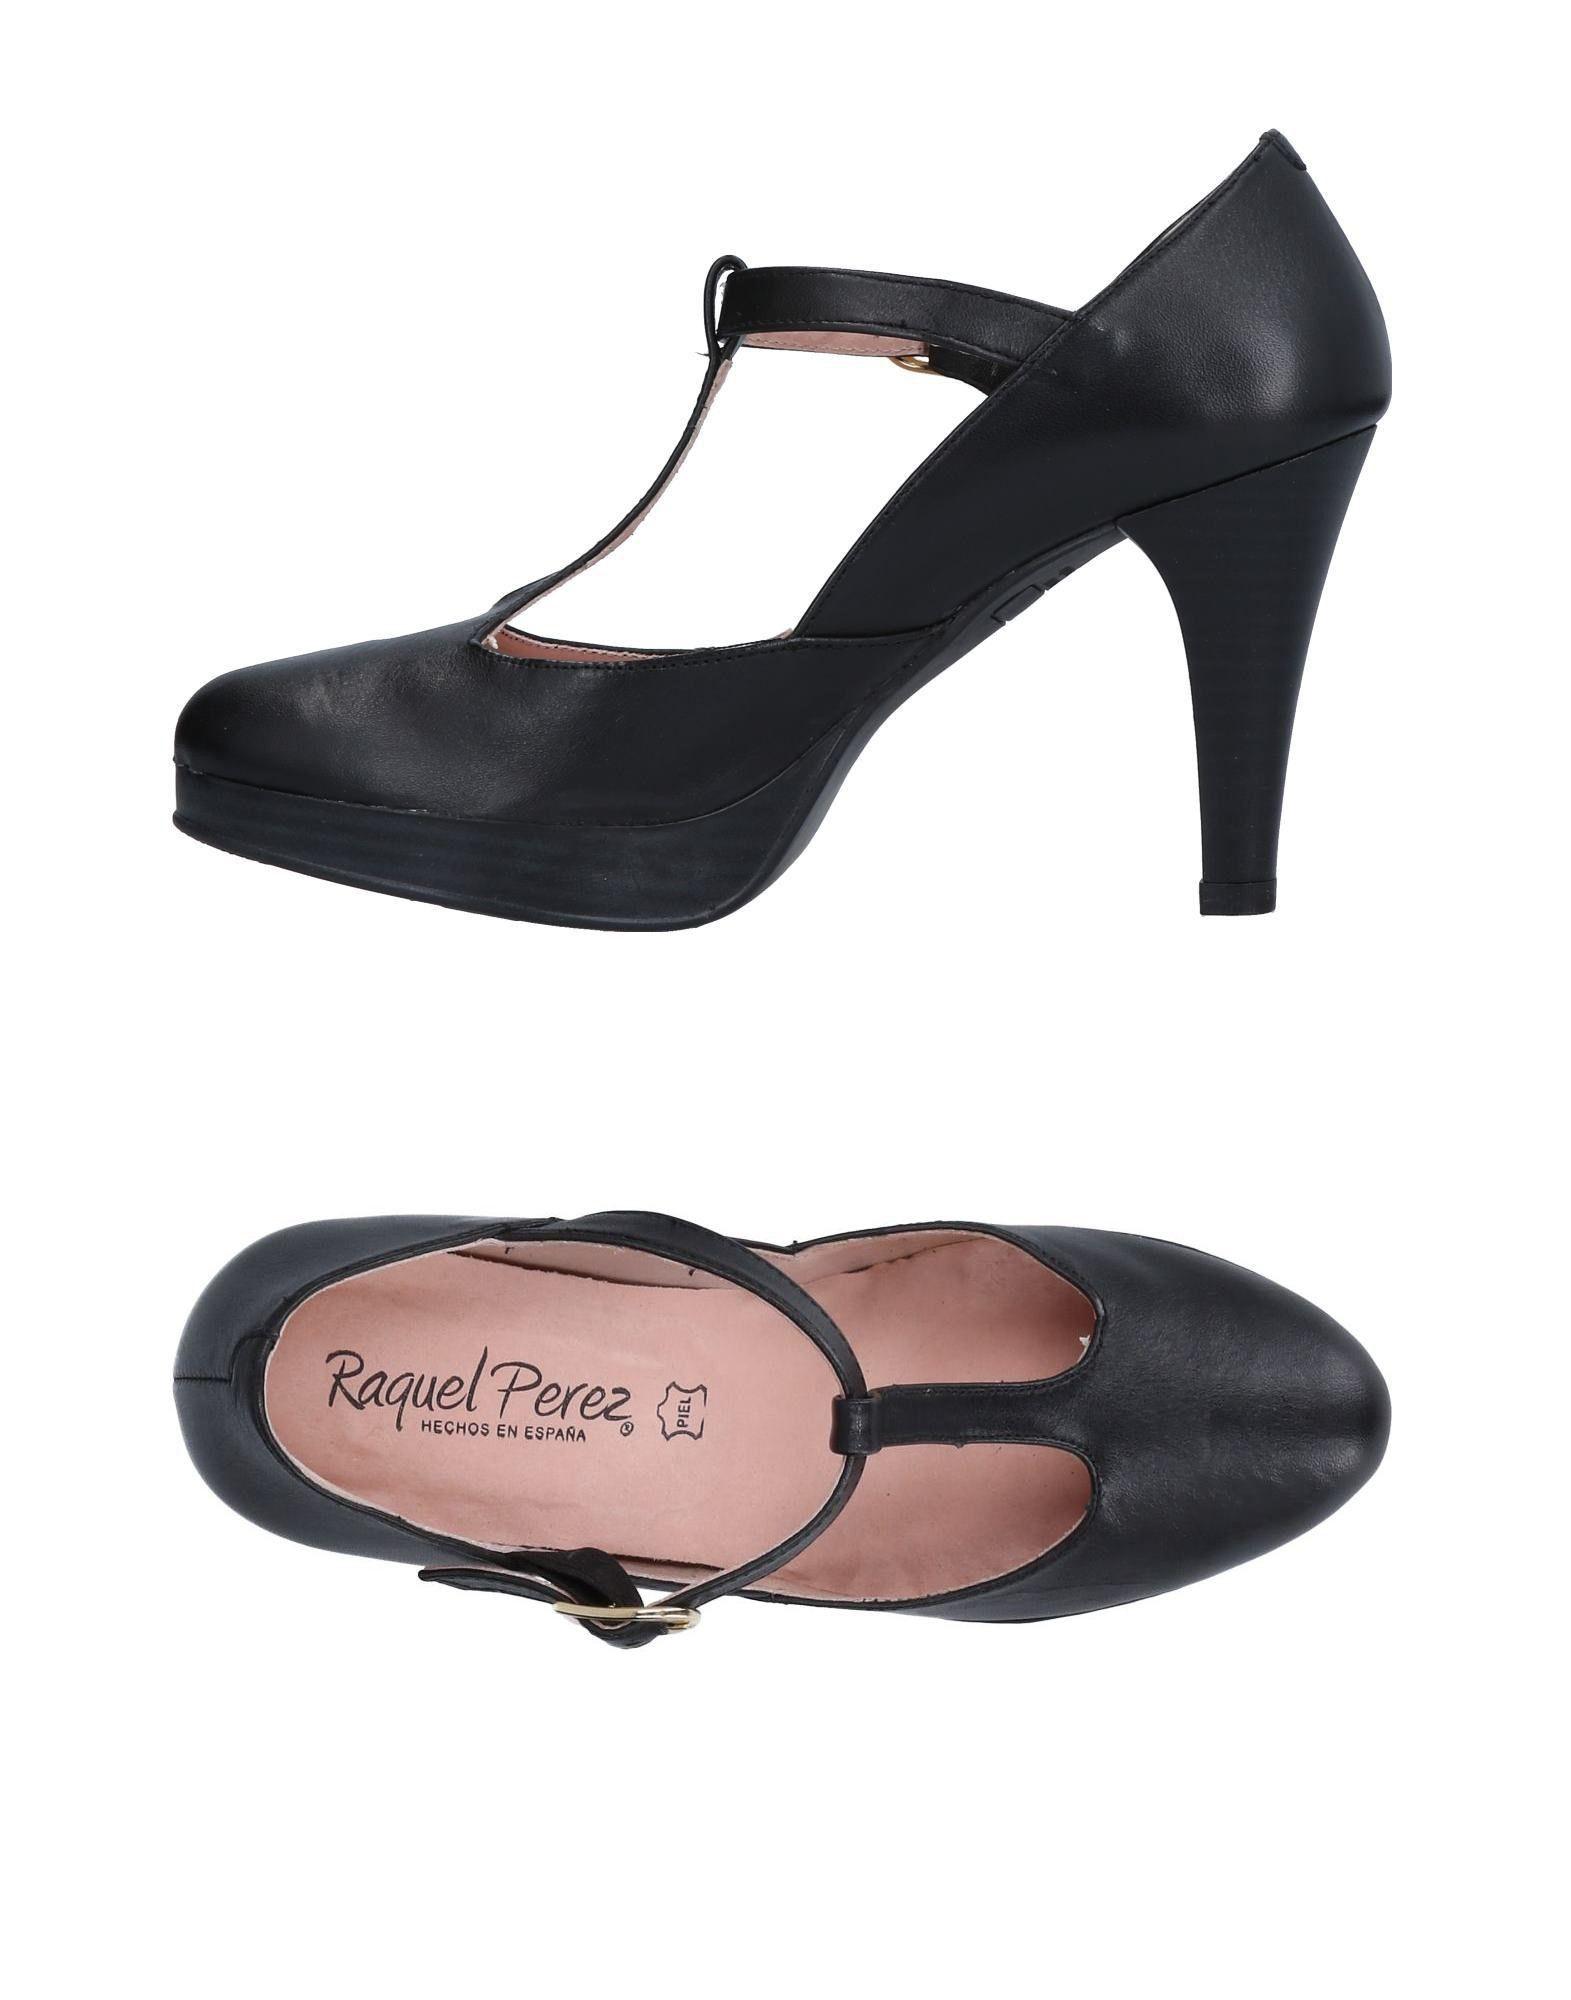 Nuevos zapatos para hombres tiempo y mujeres, descuento por tiempo hombres limitado Zapato De Salón Raquel Perez® Mujer - Salones Raquel Perez®  Negro 3ab18c